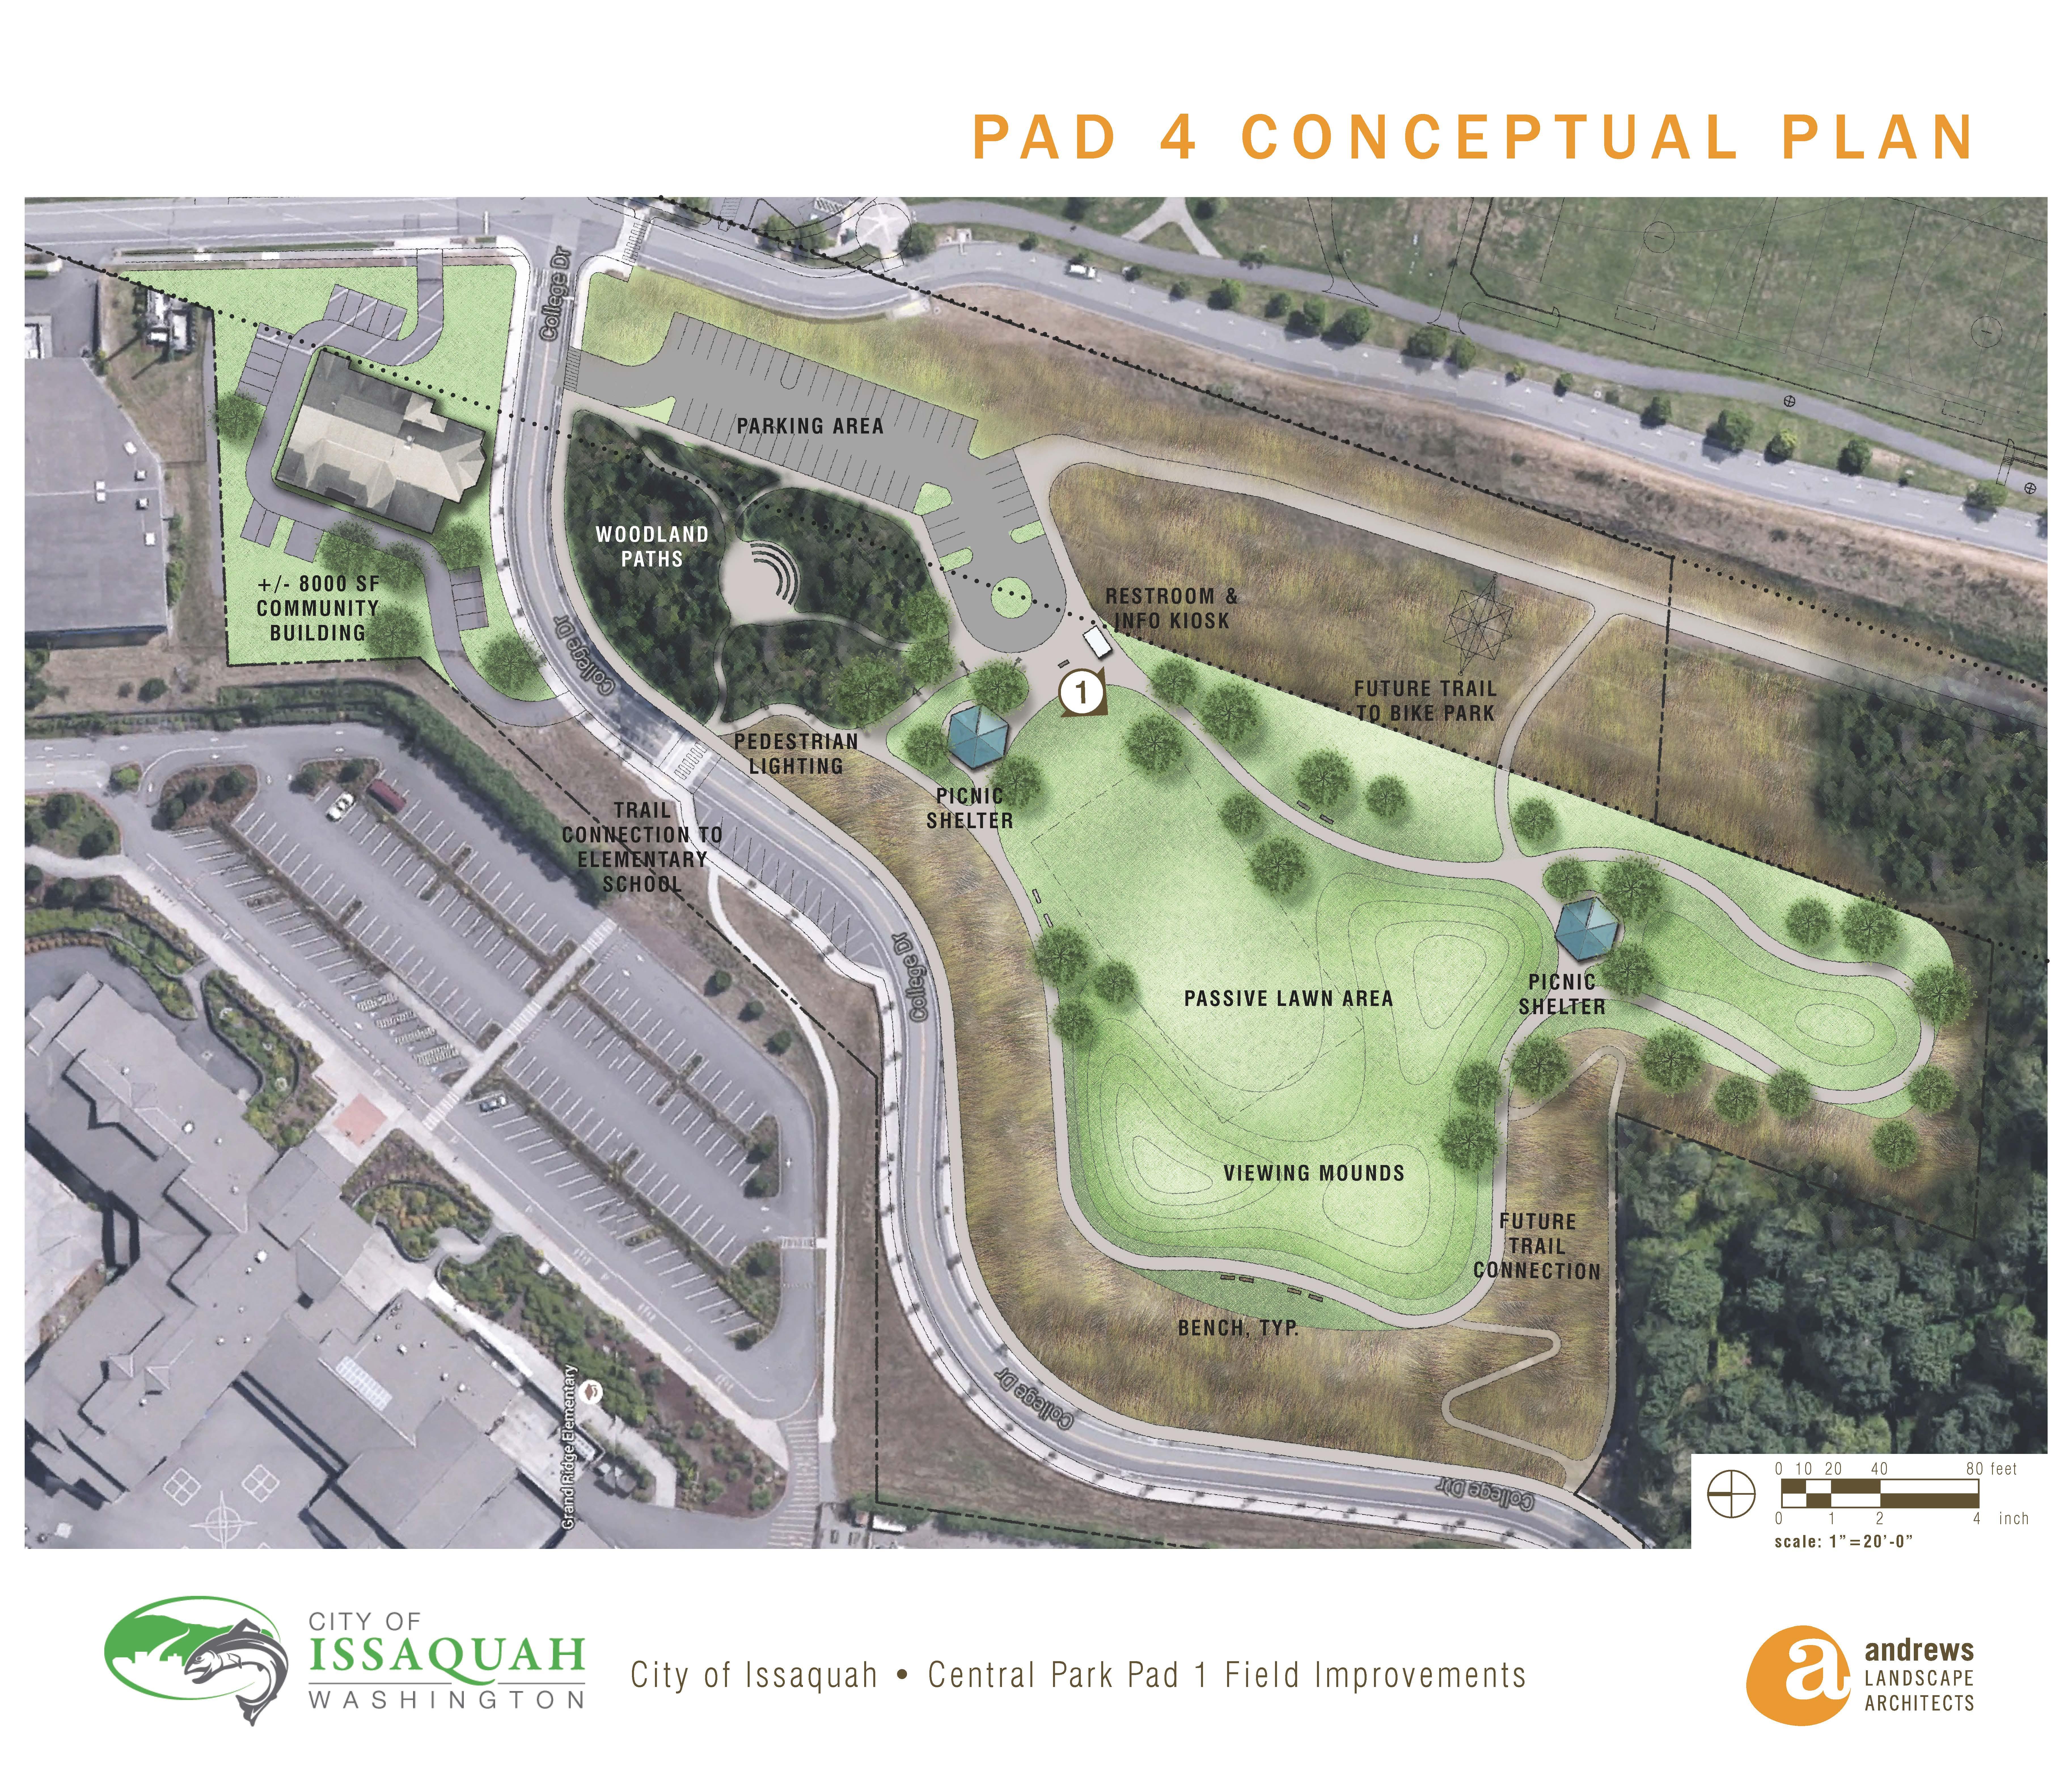 Central Park Pad 4 Conceptual Plan